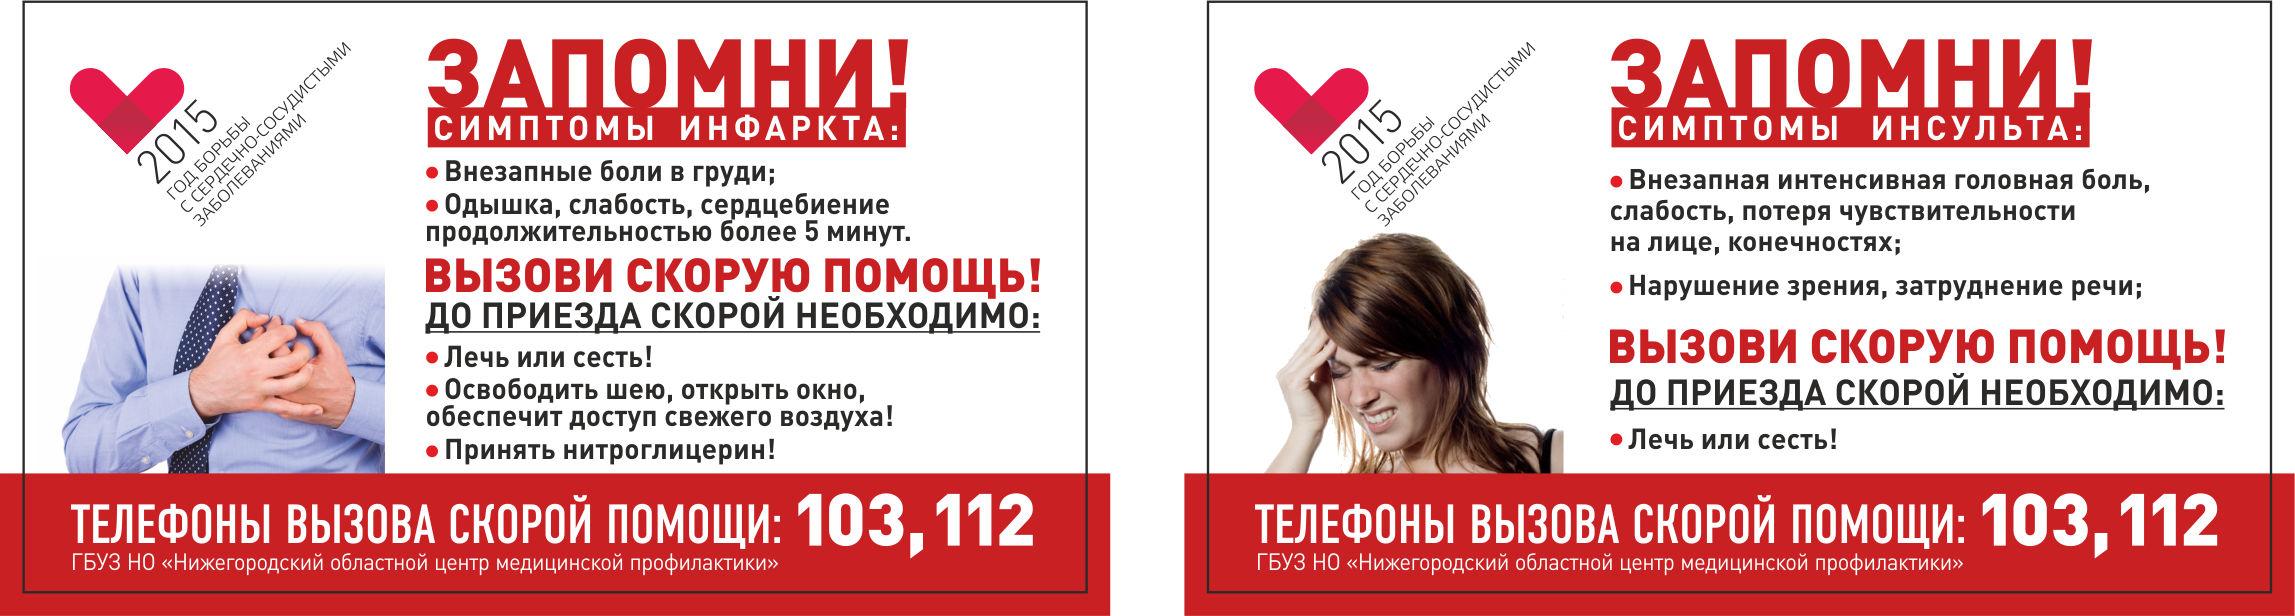 памятка - скорая помощь - визитка (2)-1